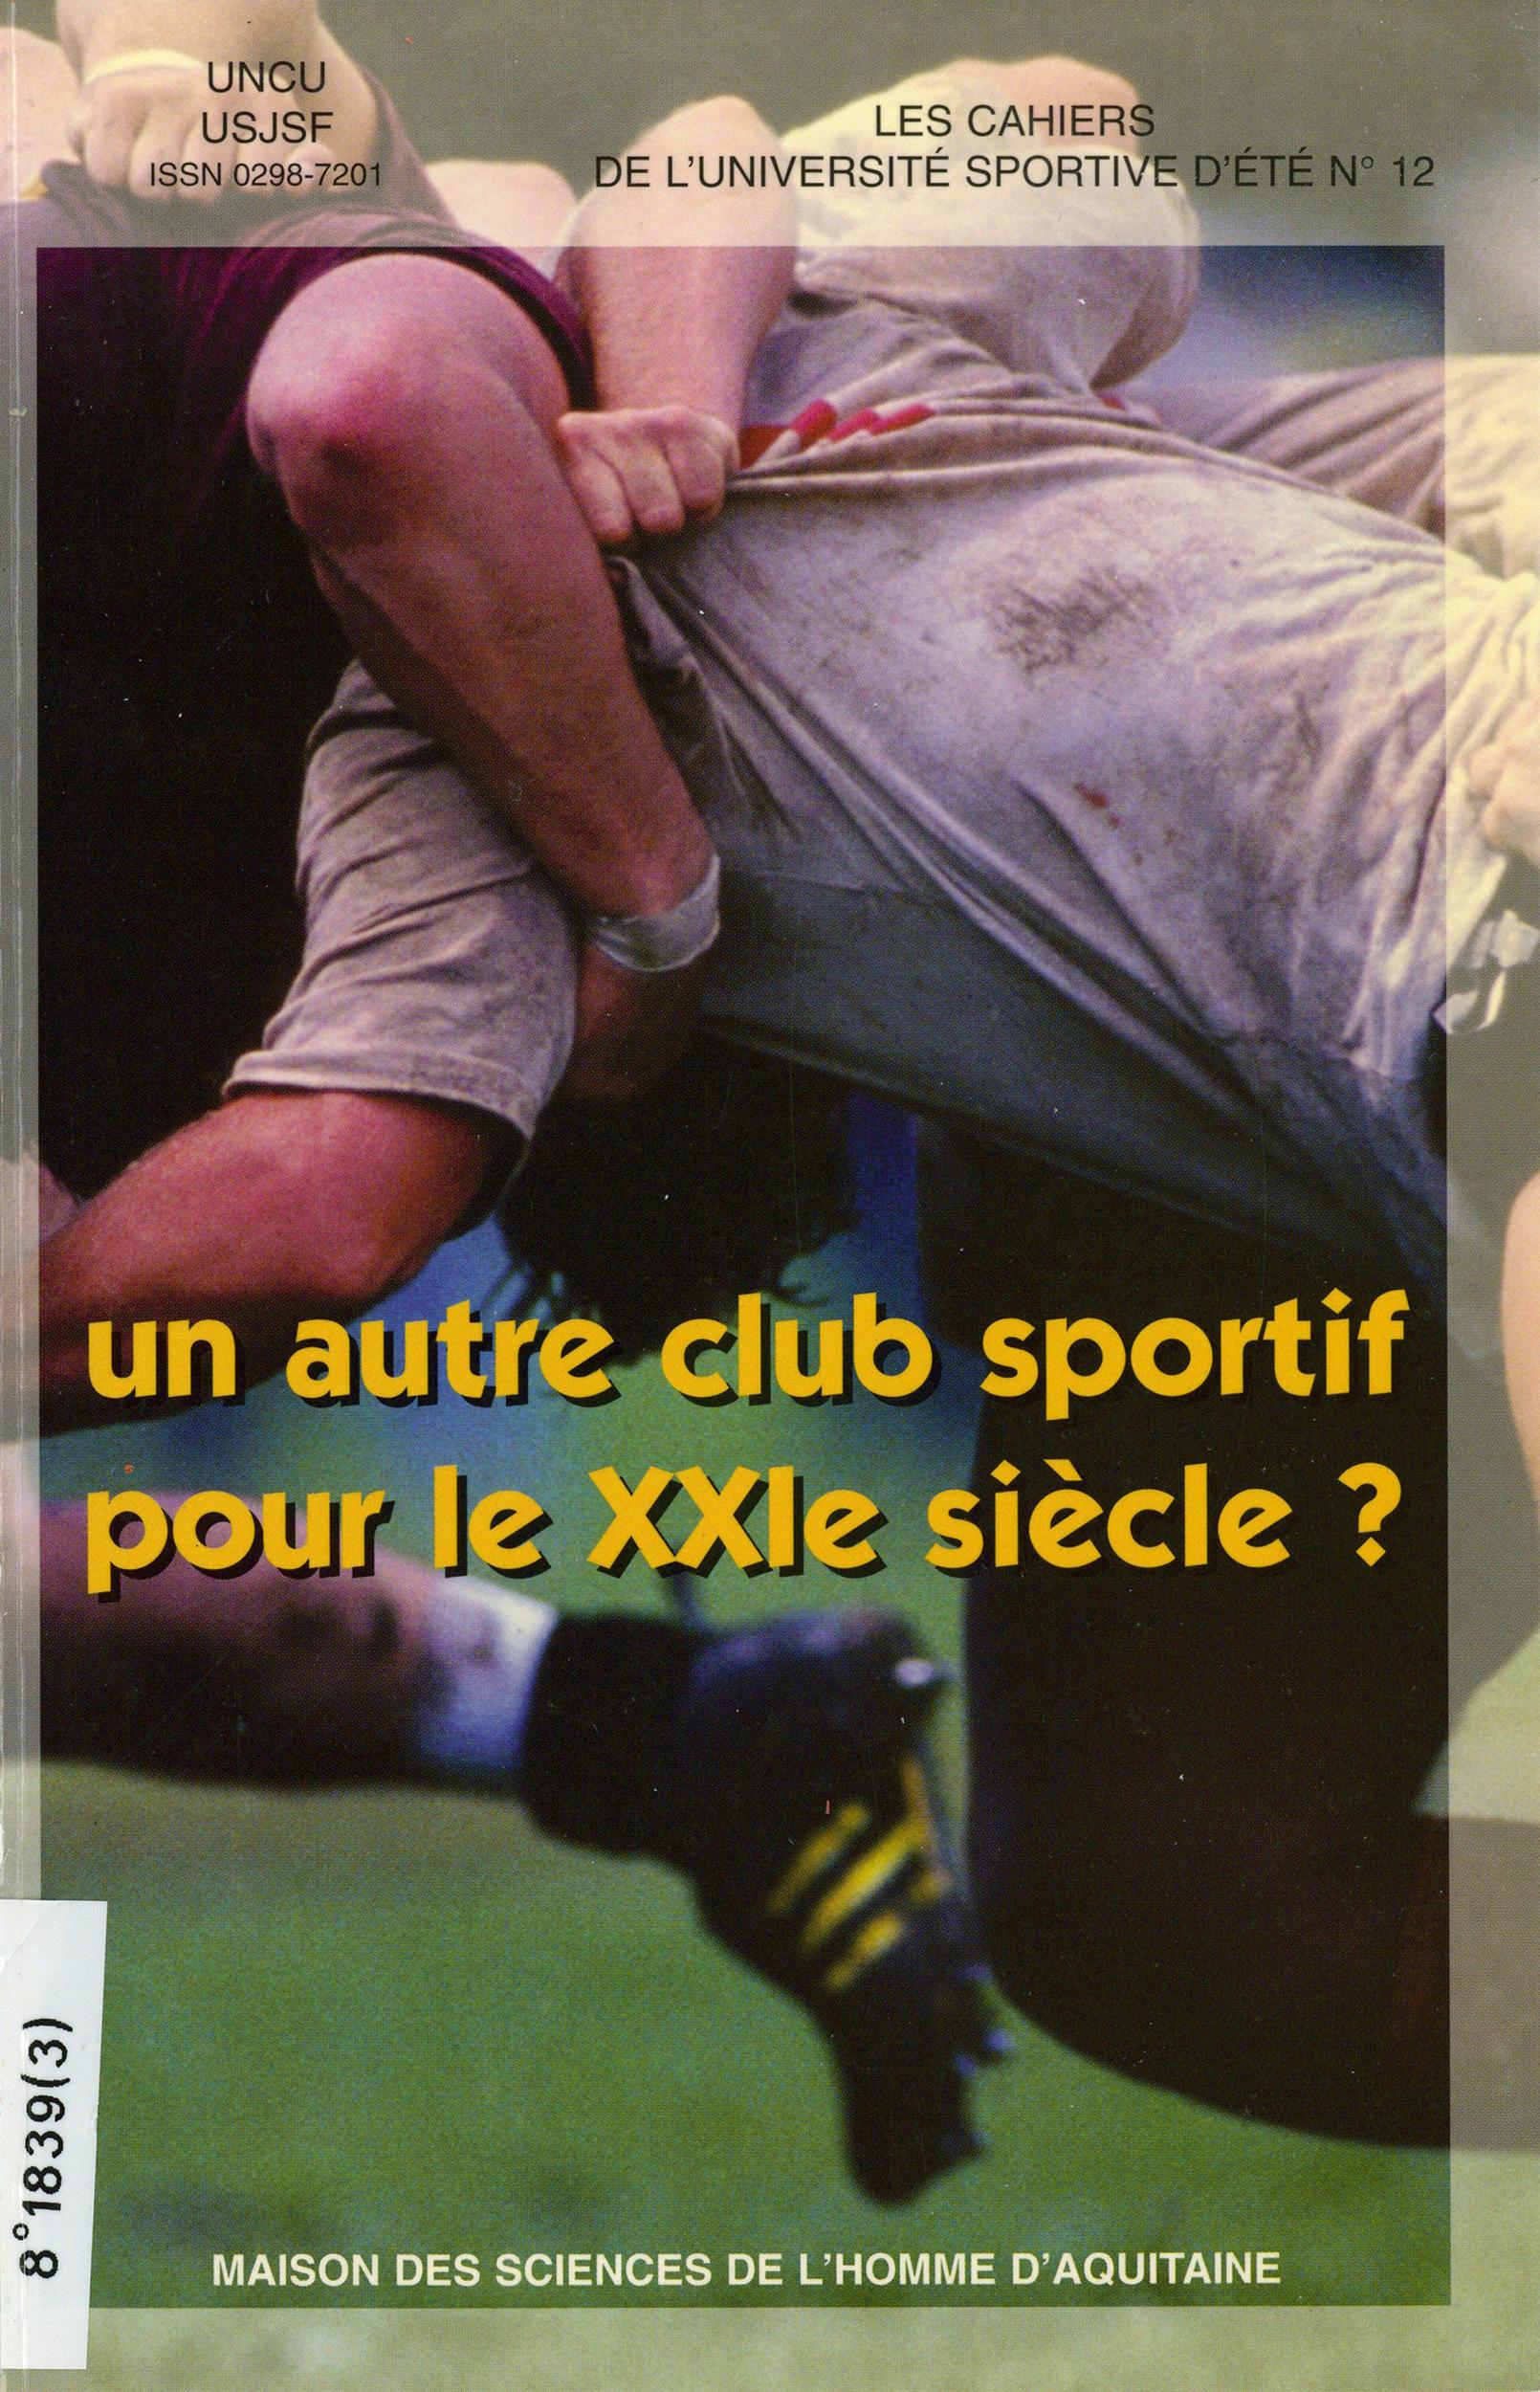 Autre club sportif pour le 21e siecle ? (un)